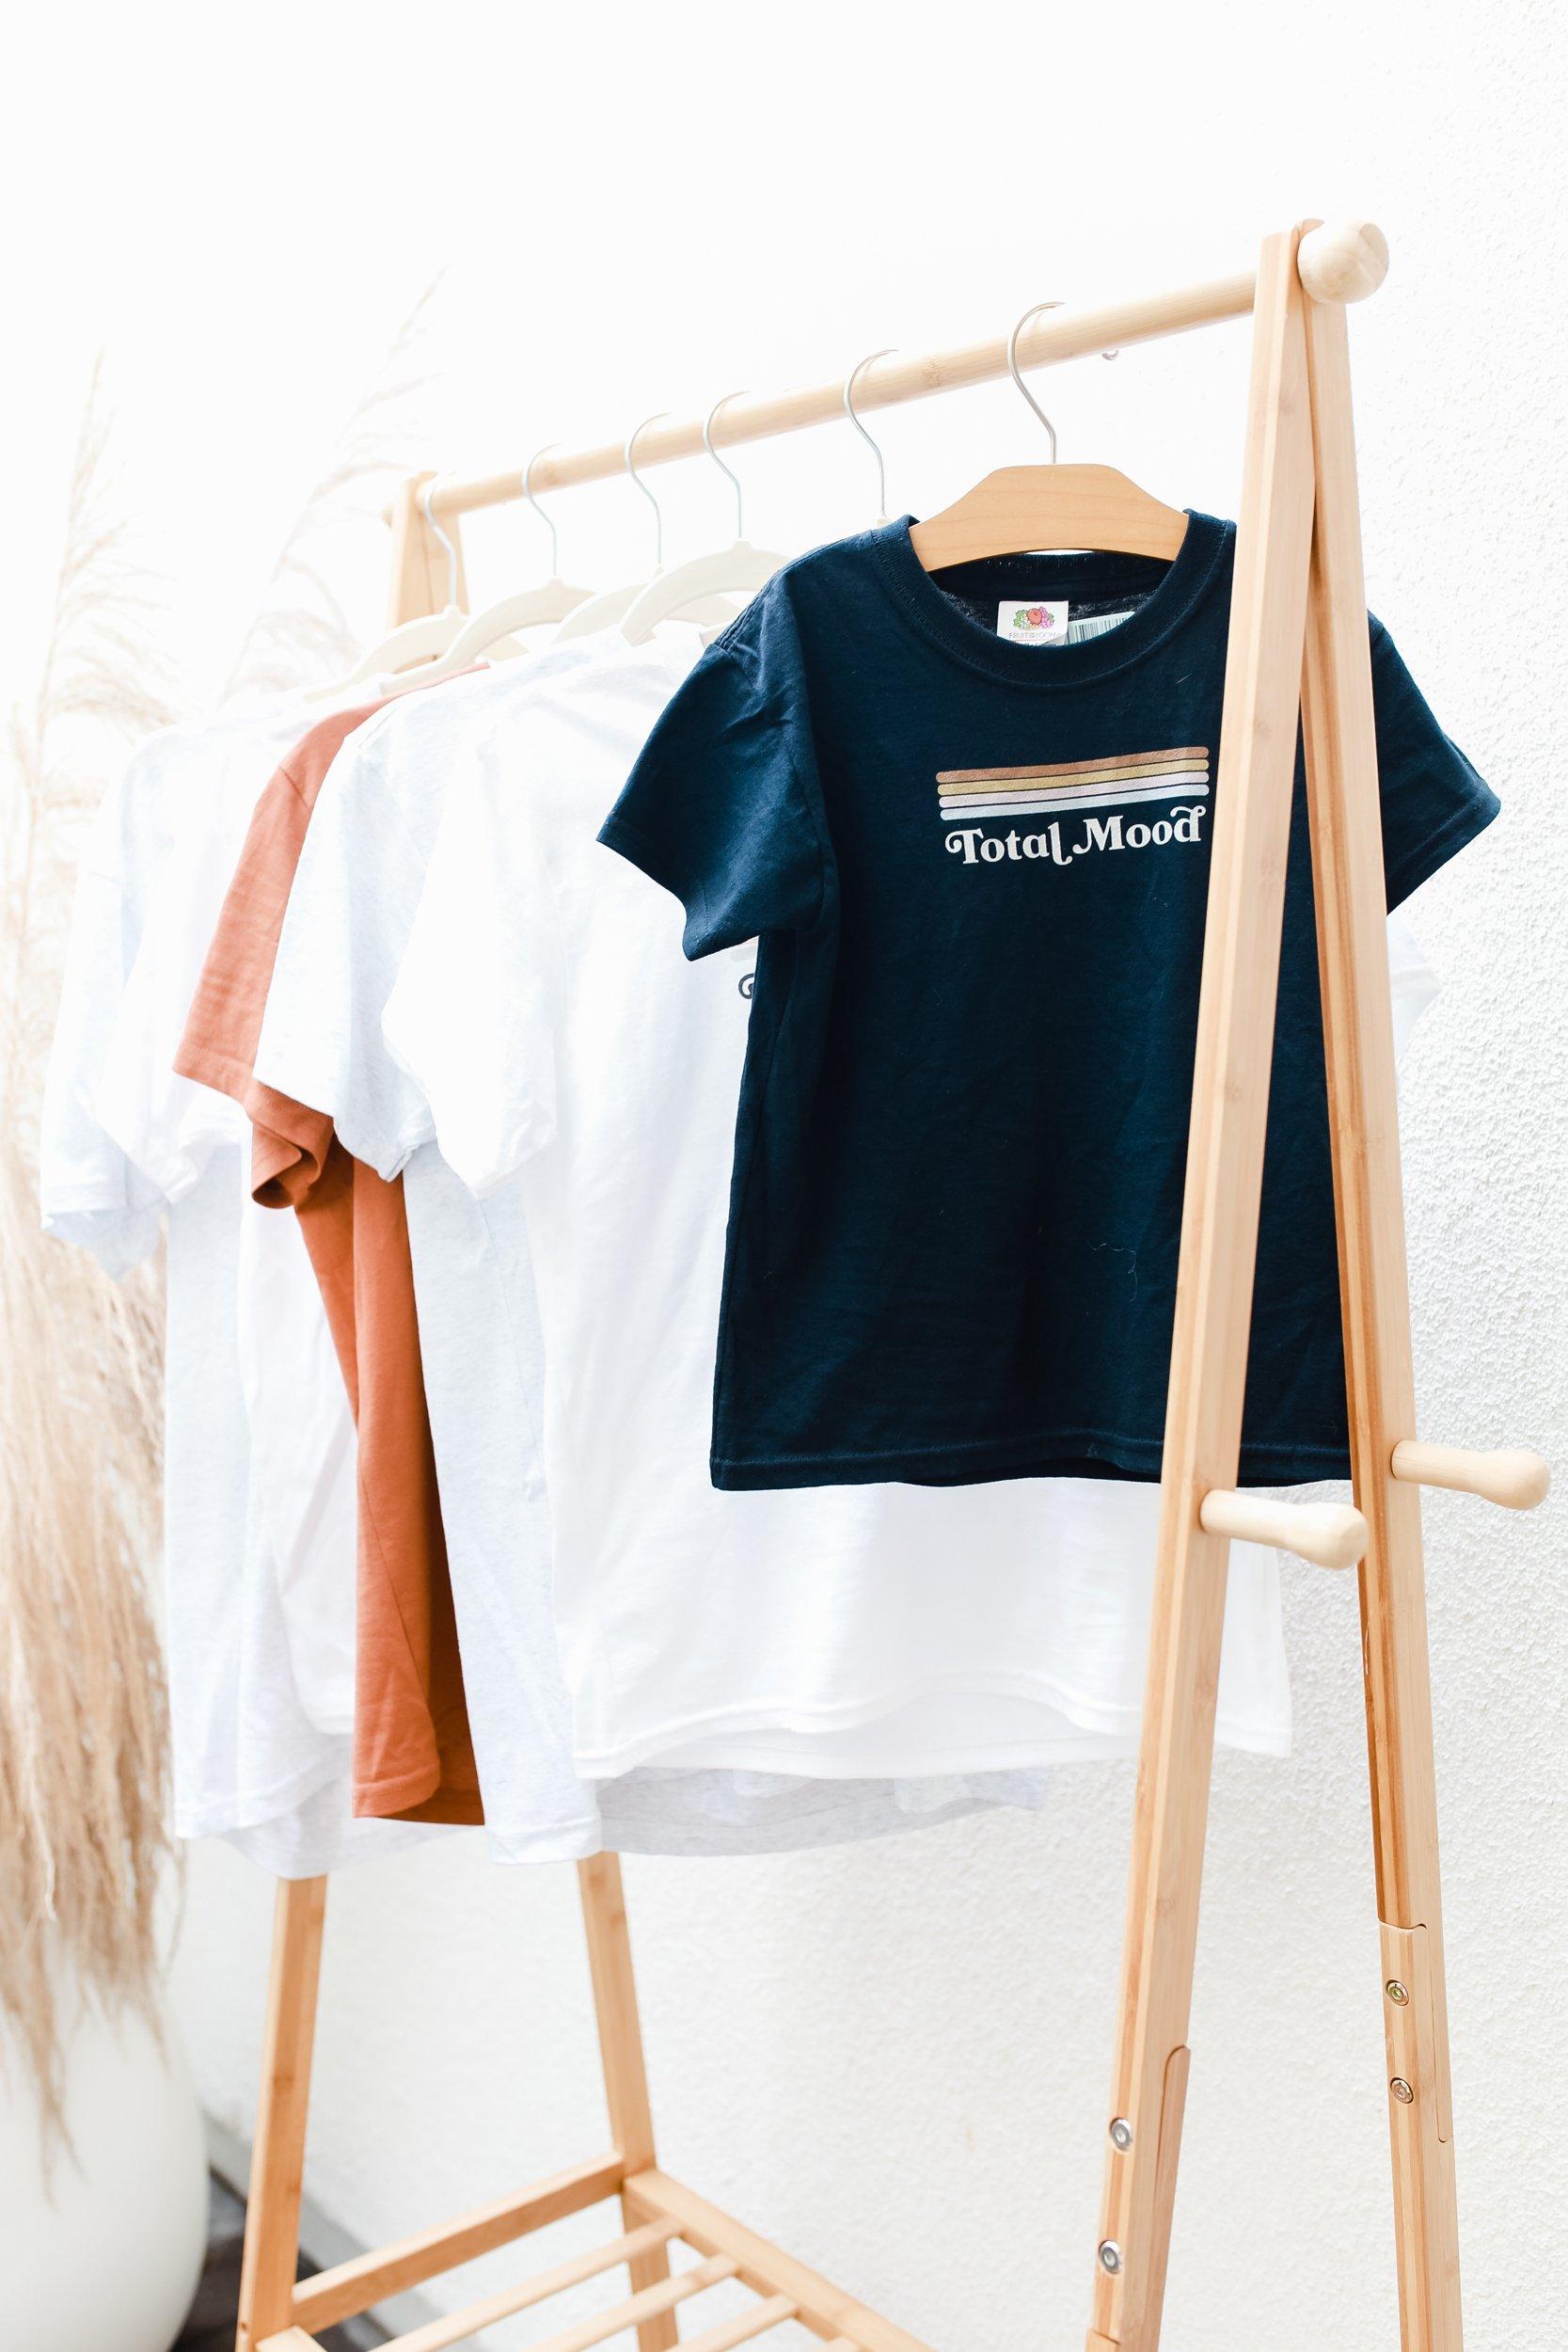 tshirts on a rack